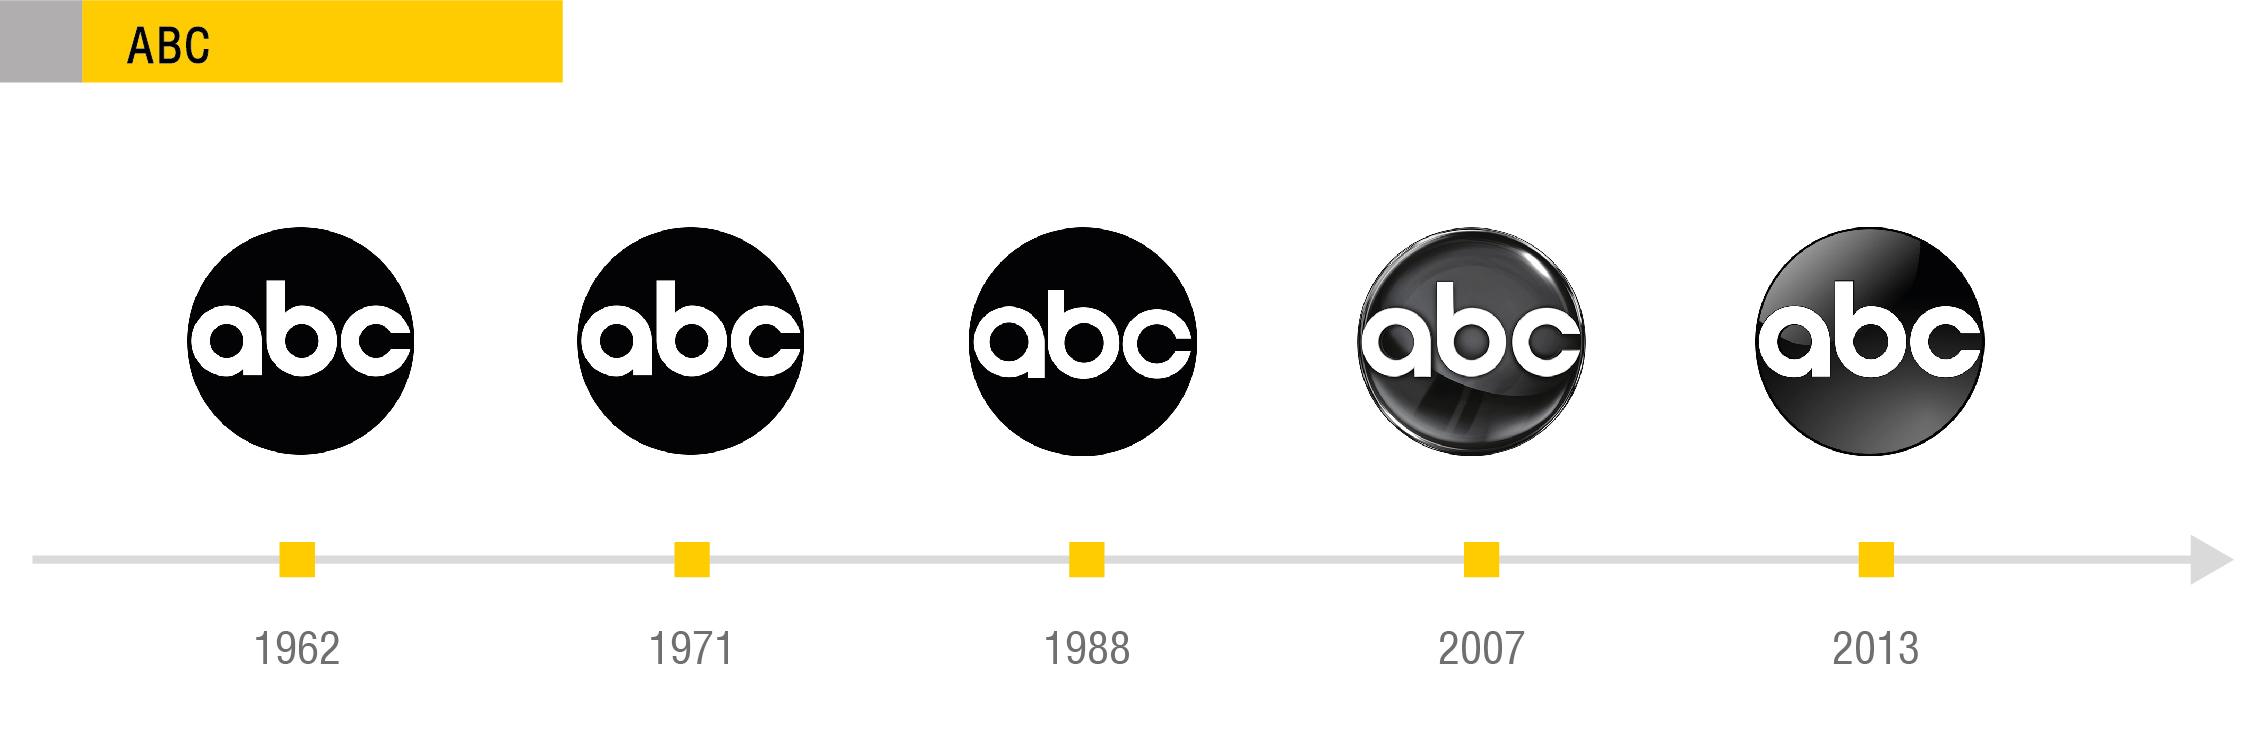 Логотип ABC: постоянство - признак мастерства